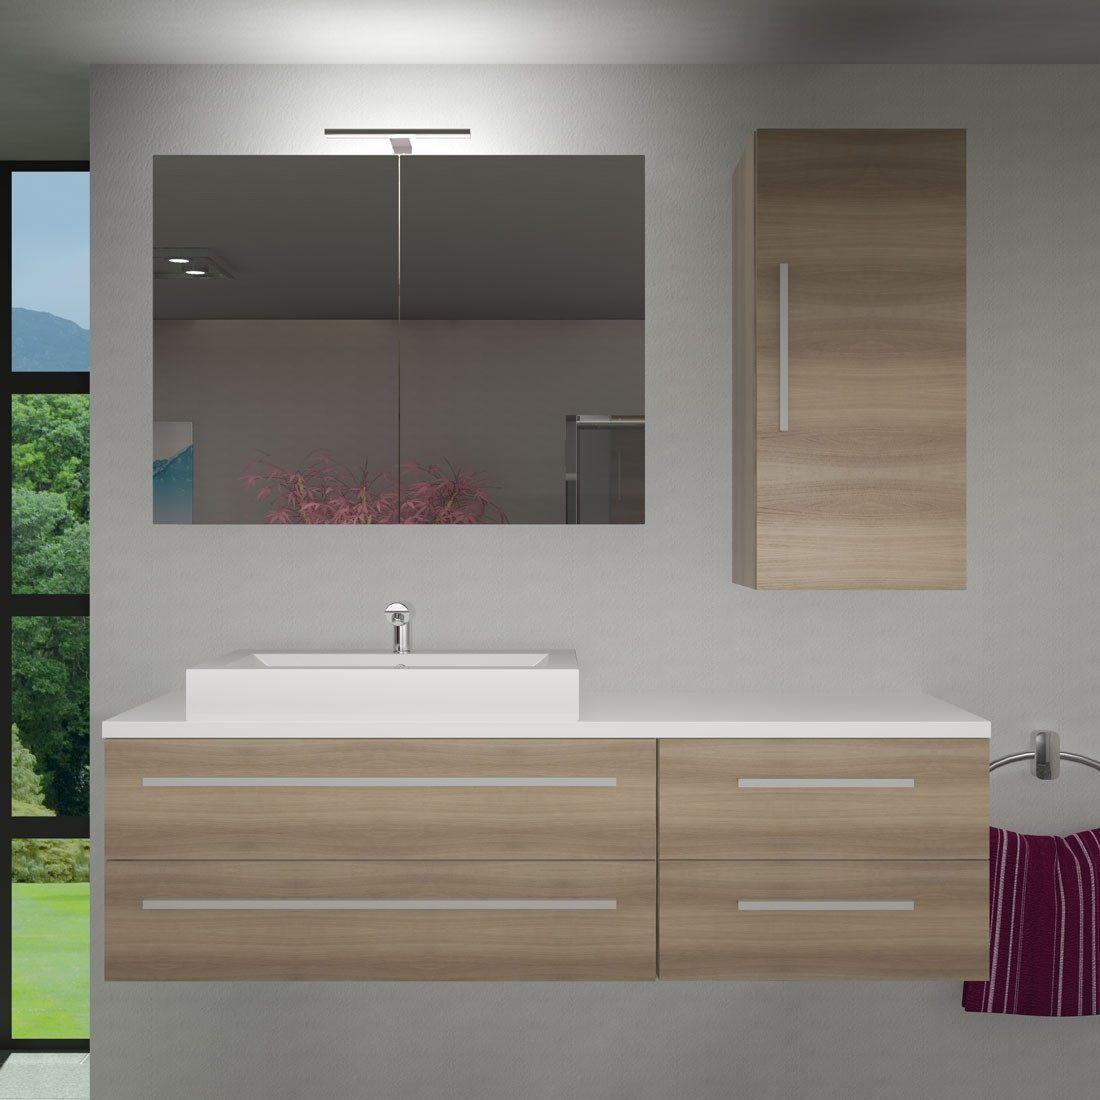 13 Badezimmer Spiegelschrank Leiner Badezimmer Ideen Eintagamsee